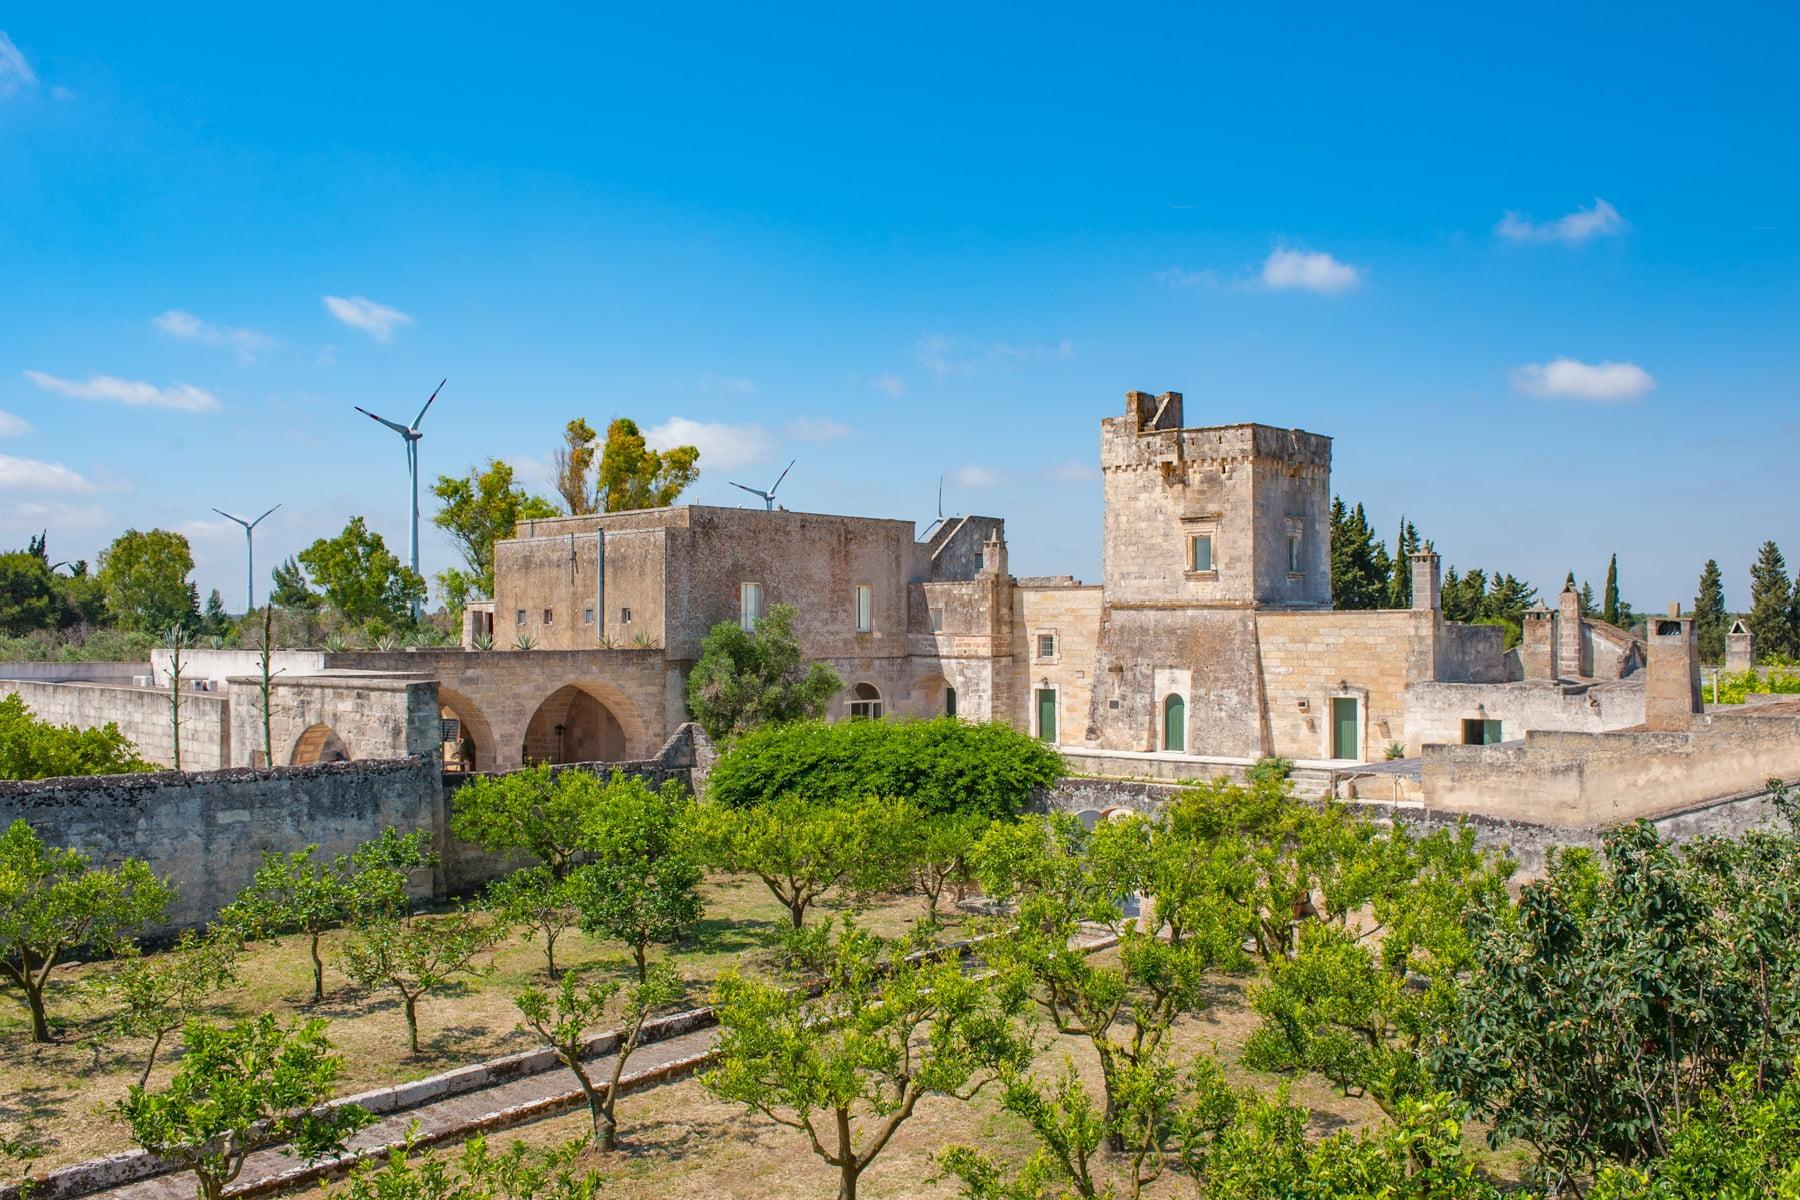 Incantevole casale del XV secolo immerso negli ulivi